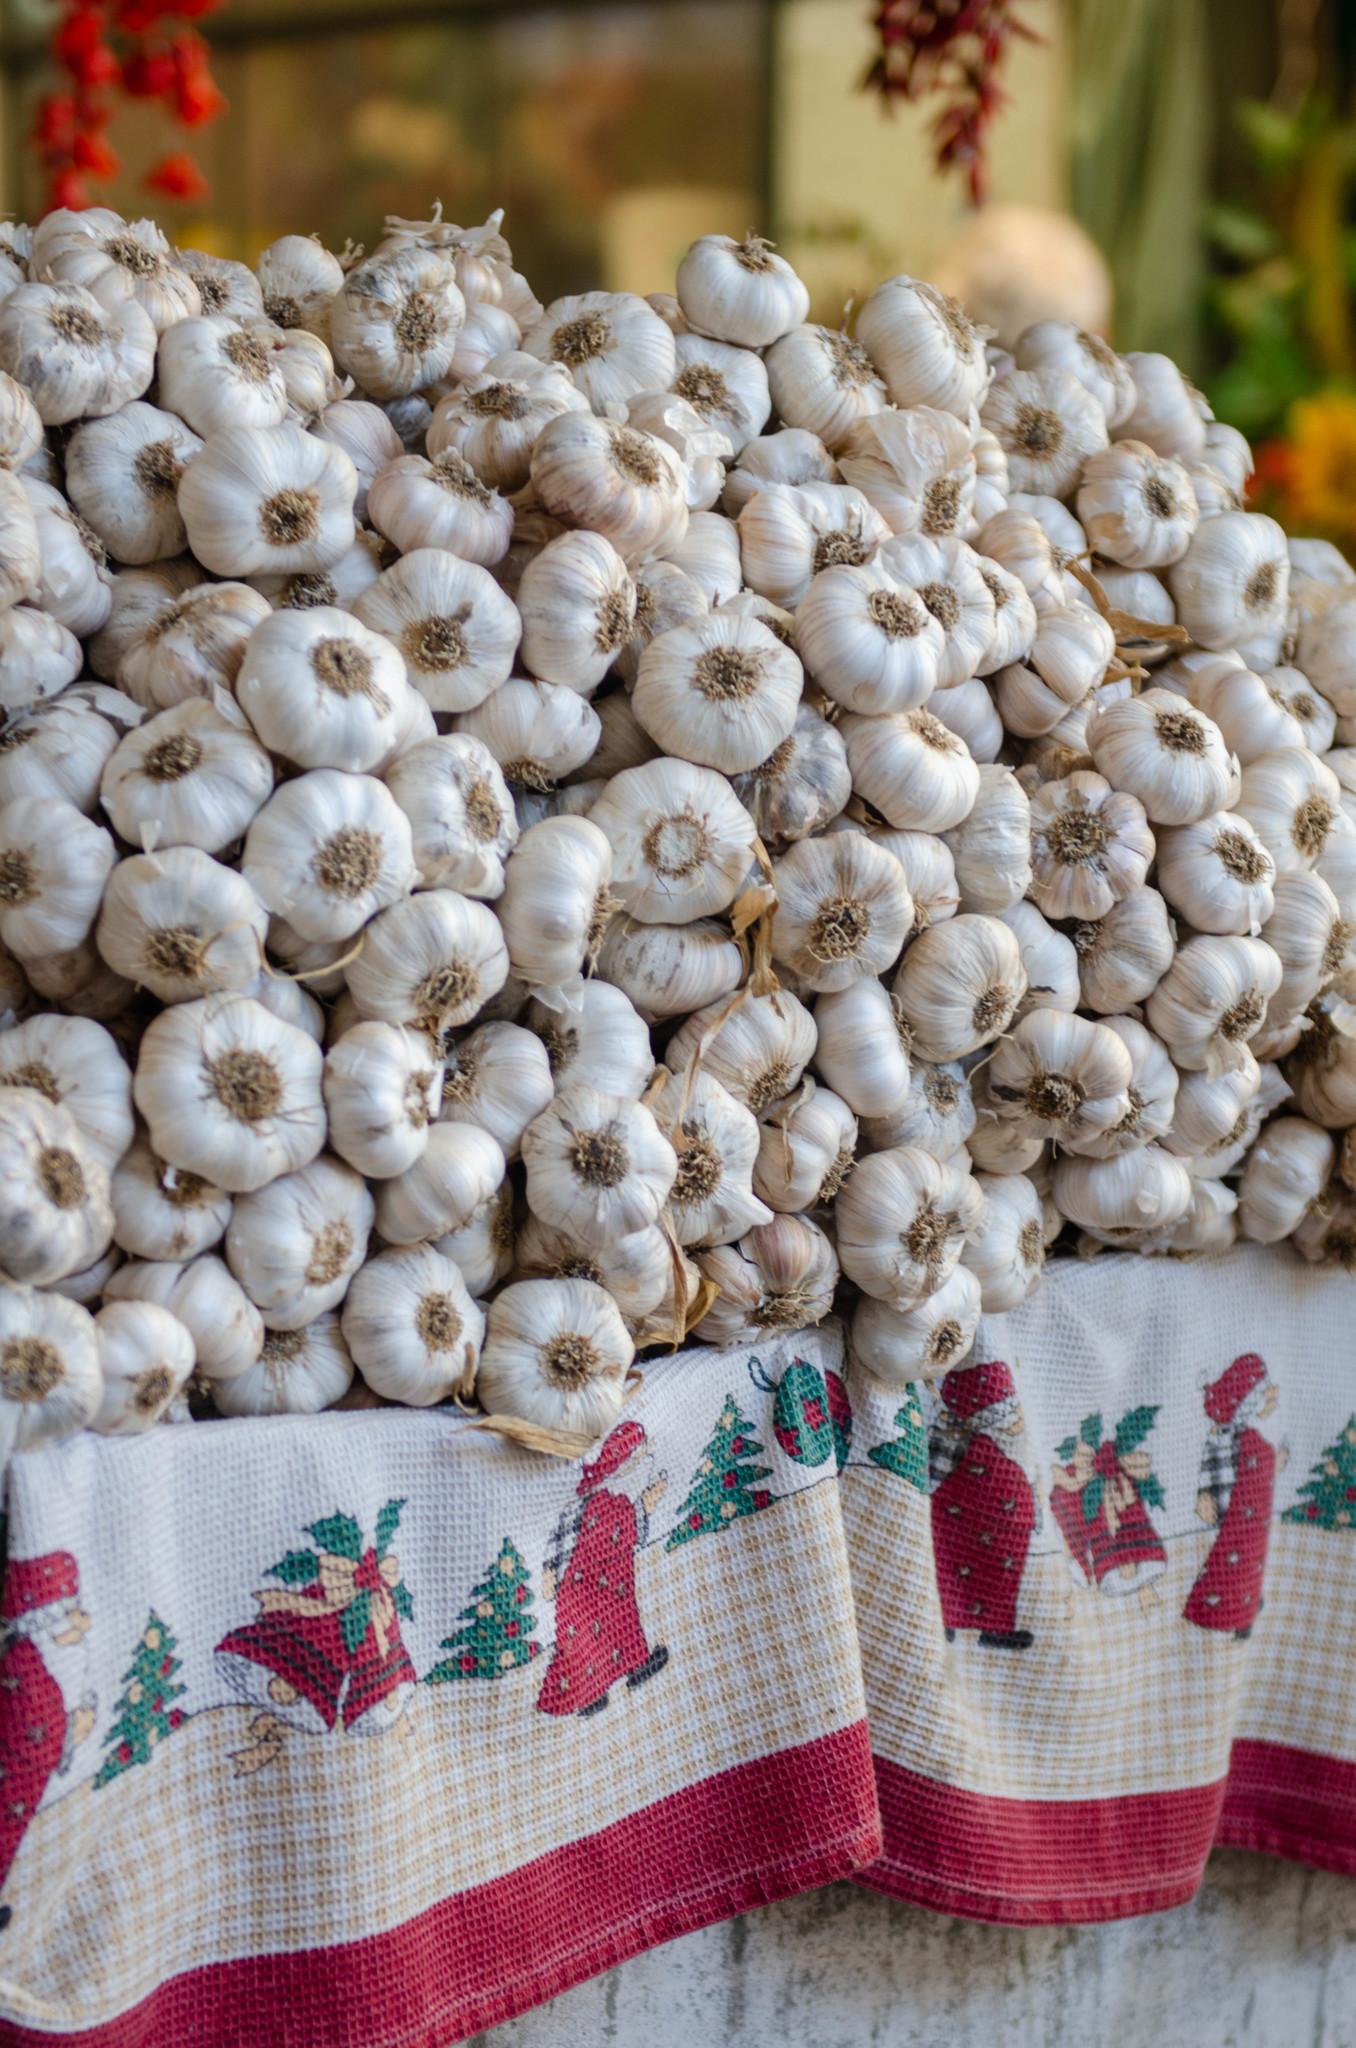 Knoblauch auf dem Mercado do Bolhao